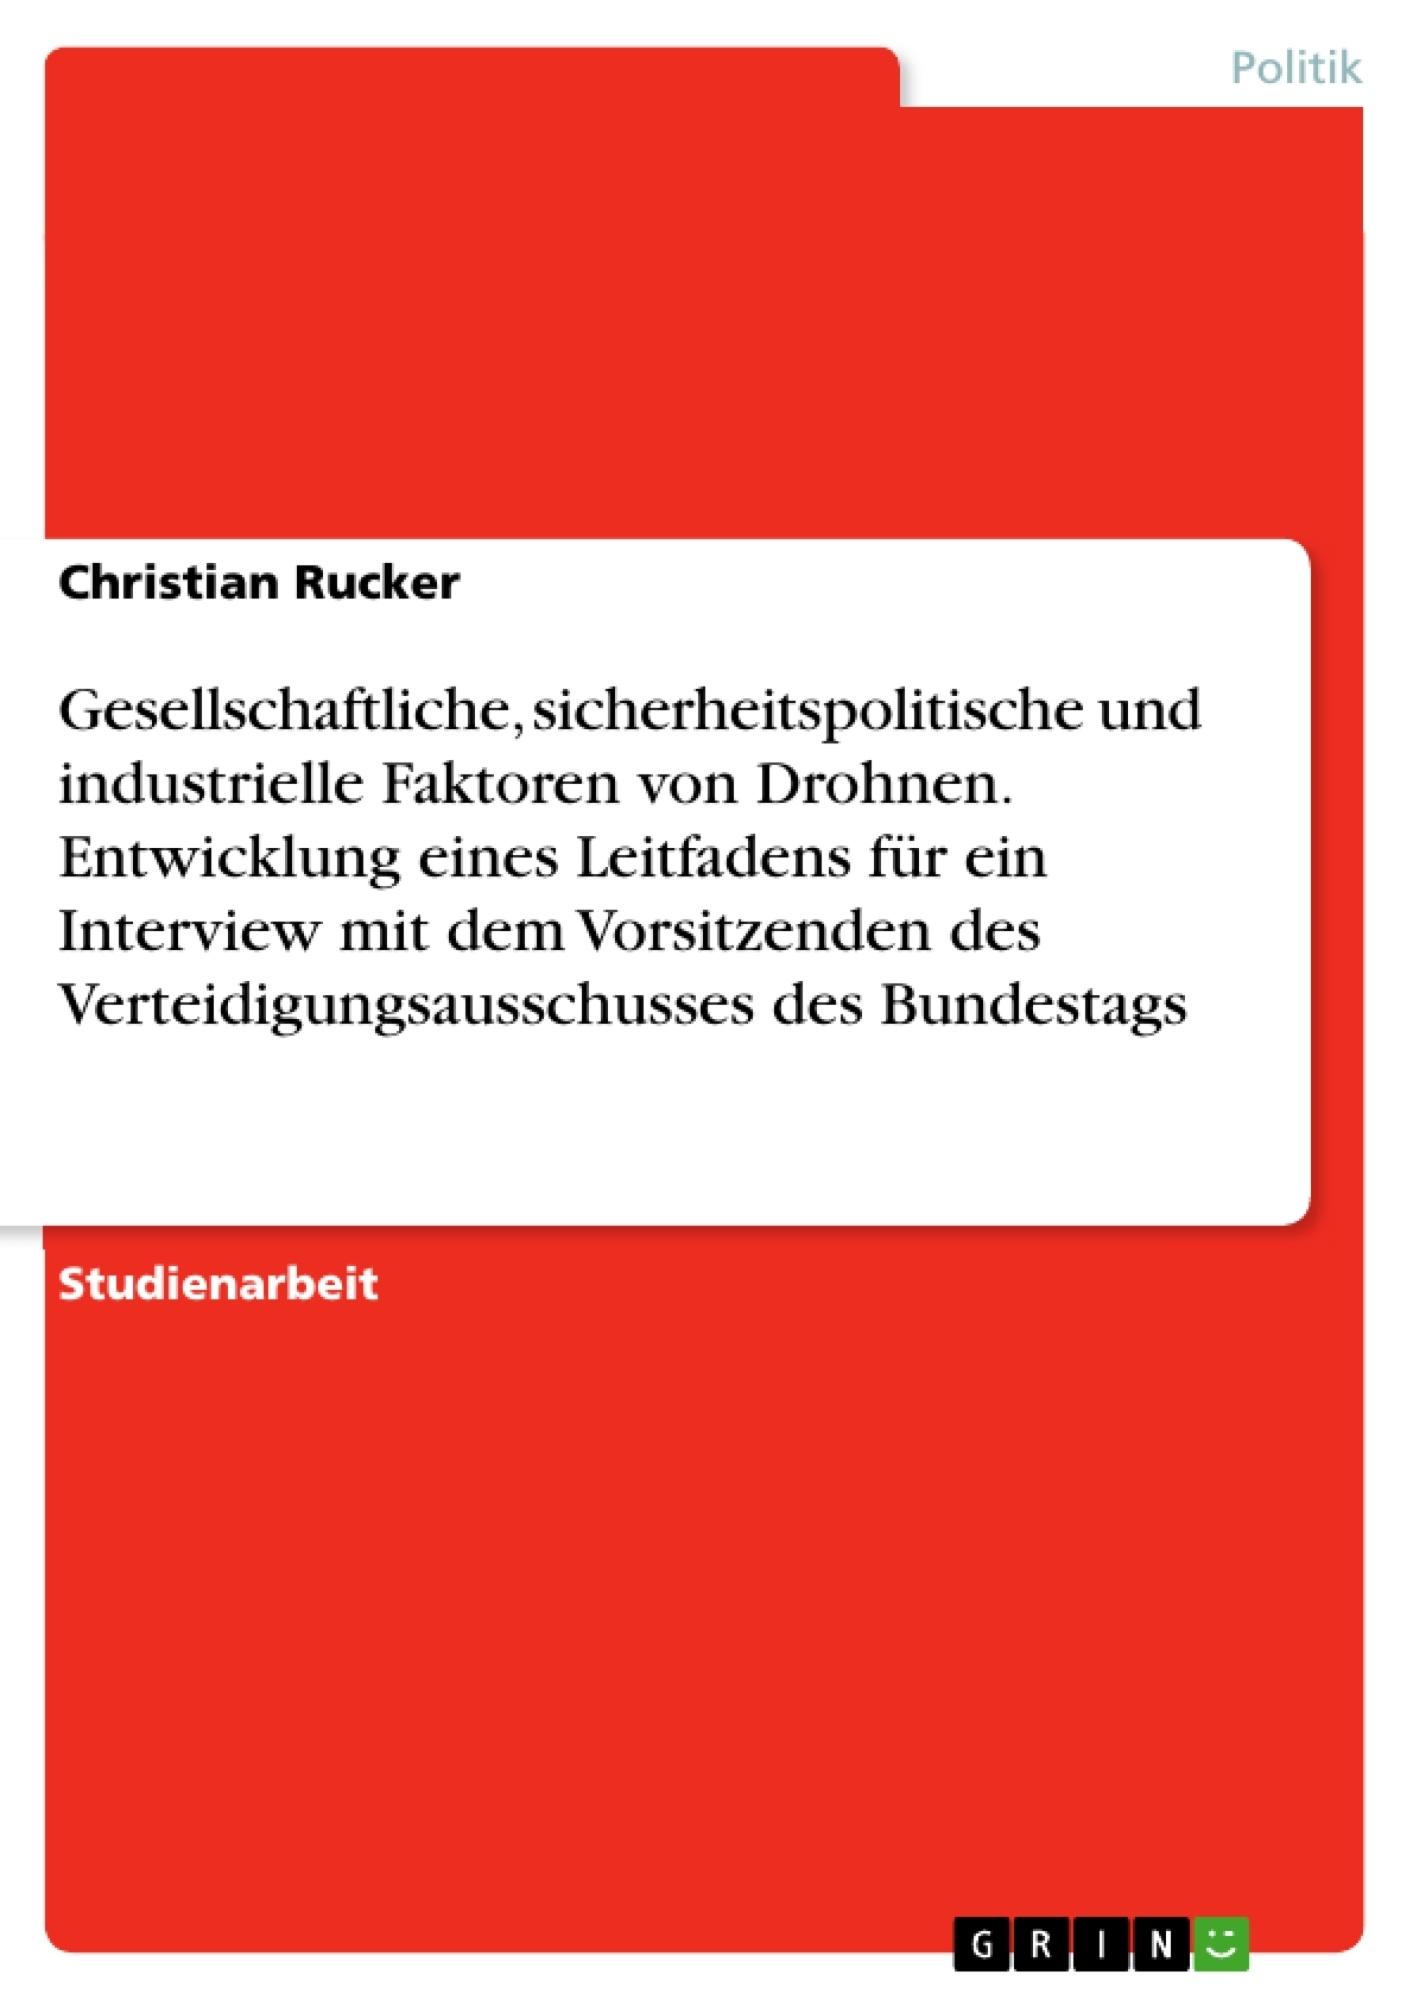 Titel: Gesellschaftliche, sicherheitspolitische und industrielle Faktoren von Drohnen. Entwicklung eines Leitfadens für ein Interview mit dem Vorsitzenden des Verteidigungsausschusses des Bundestags